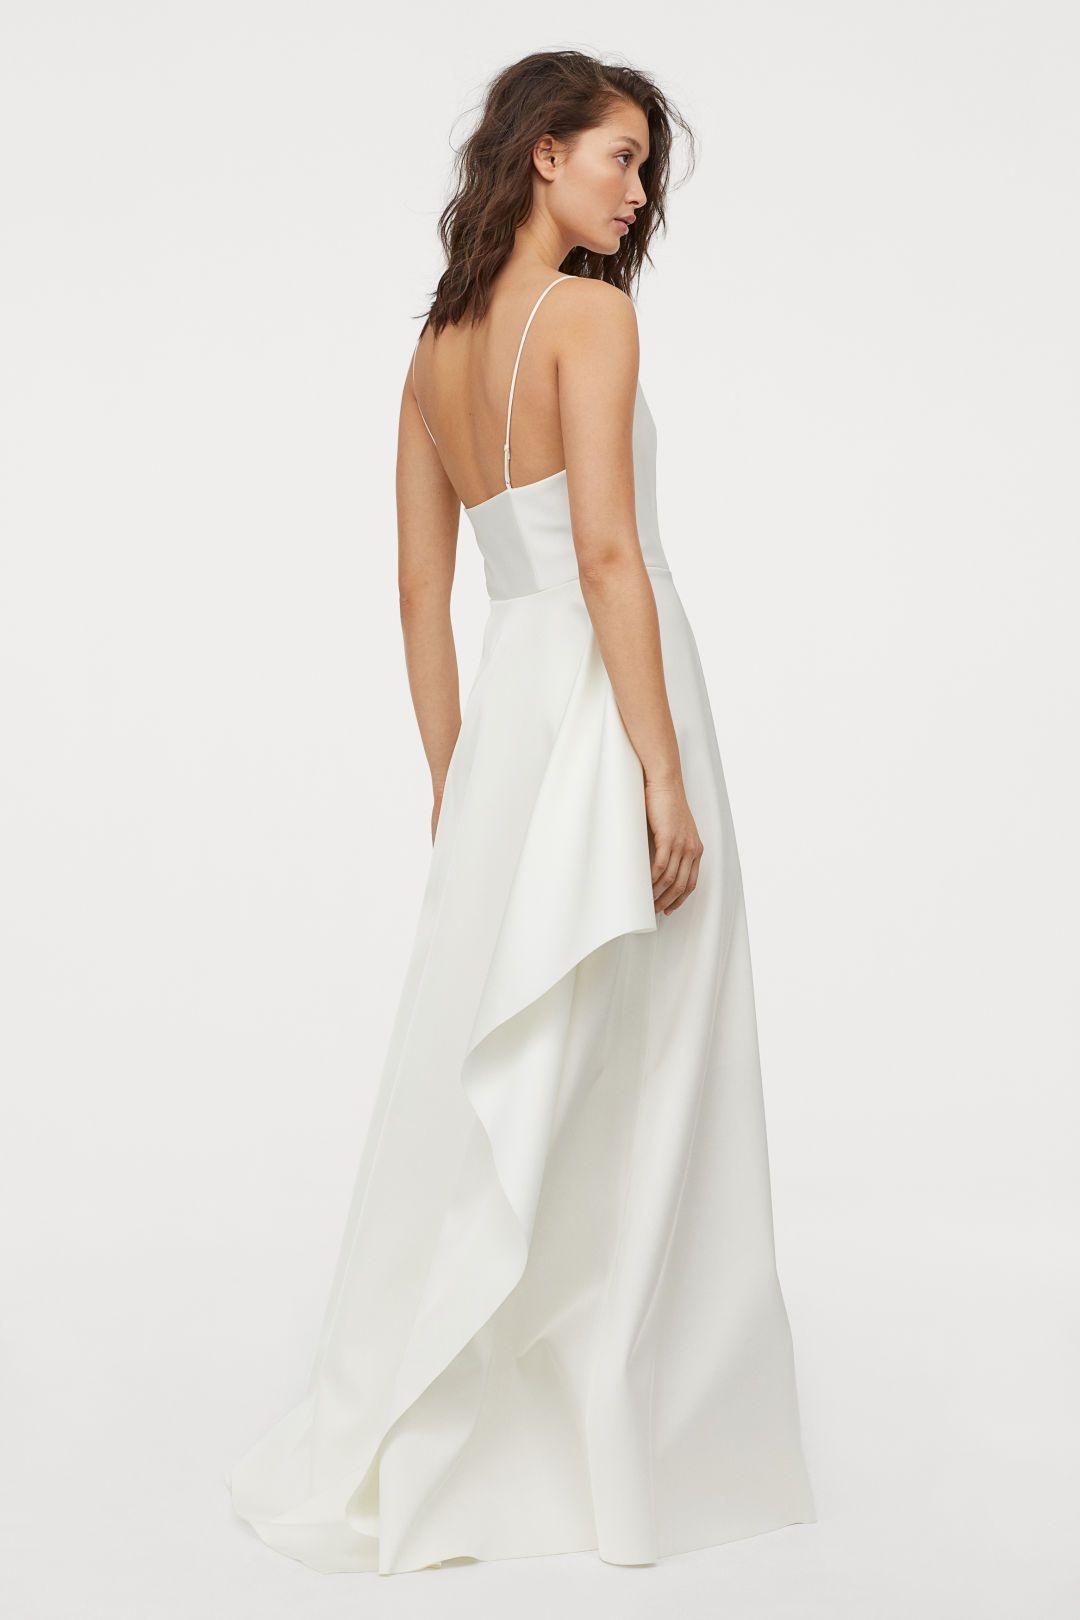 20 Ausgezeichnet H & M Abendkleider Design10 Elegant H & M Abendkleider für 2019